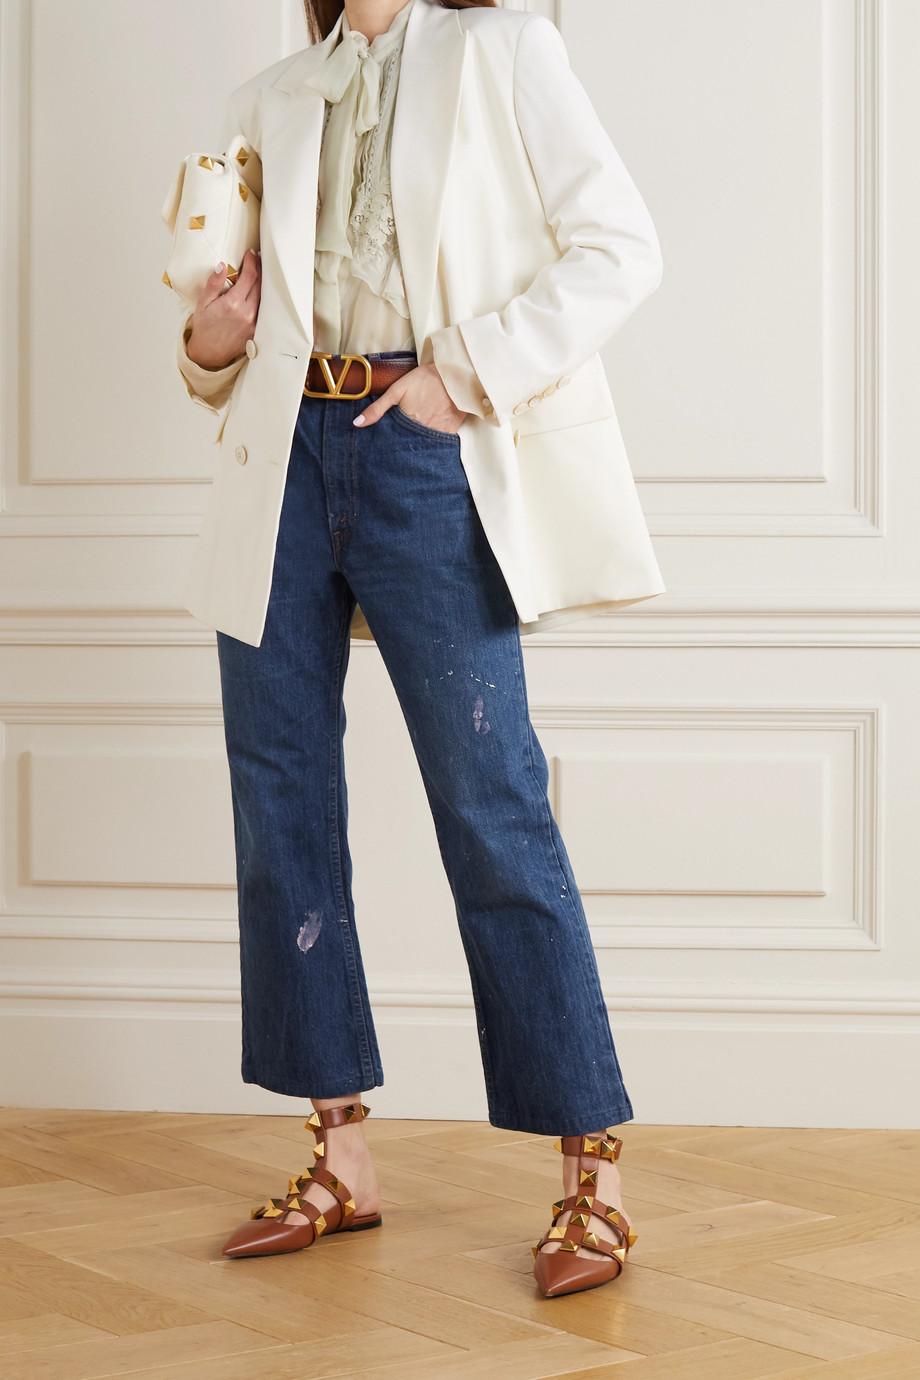 Valentino Bluse aus Seidenchiffon mit Spitzenbesätzen und Rüschen